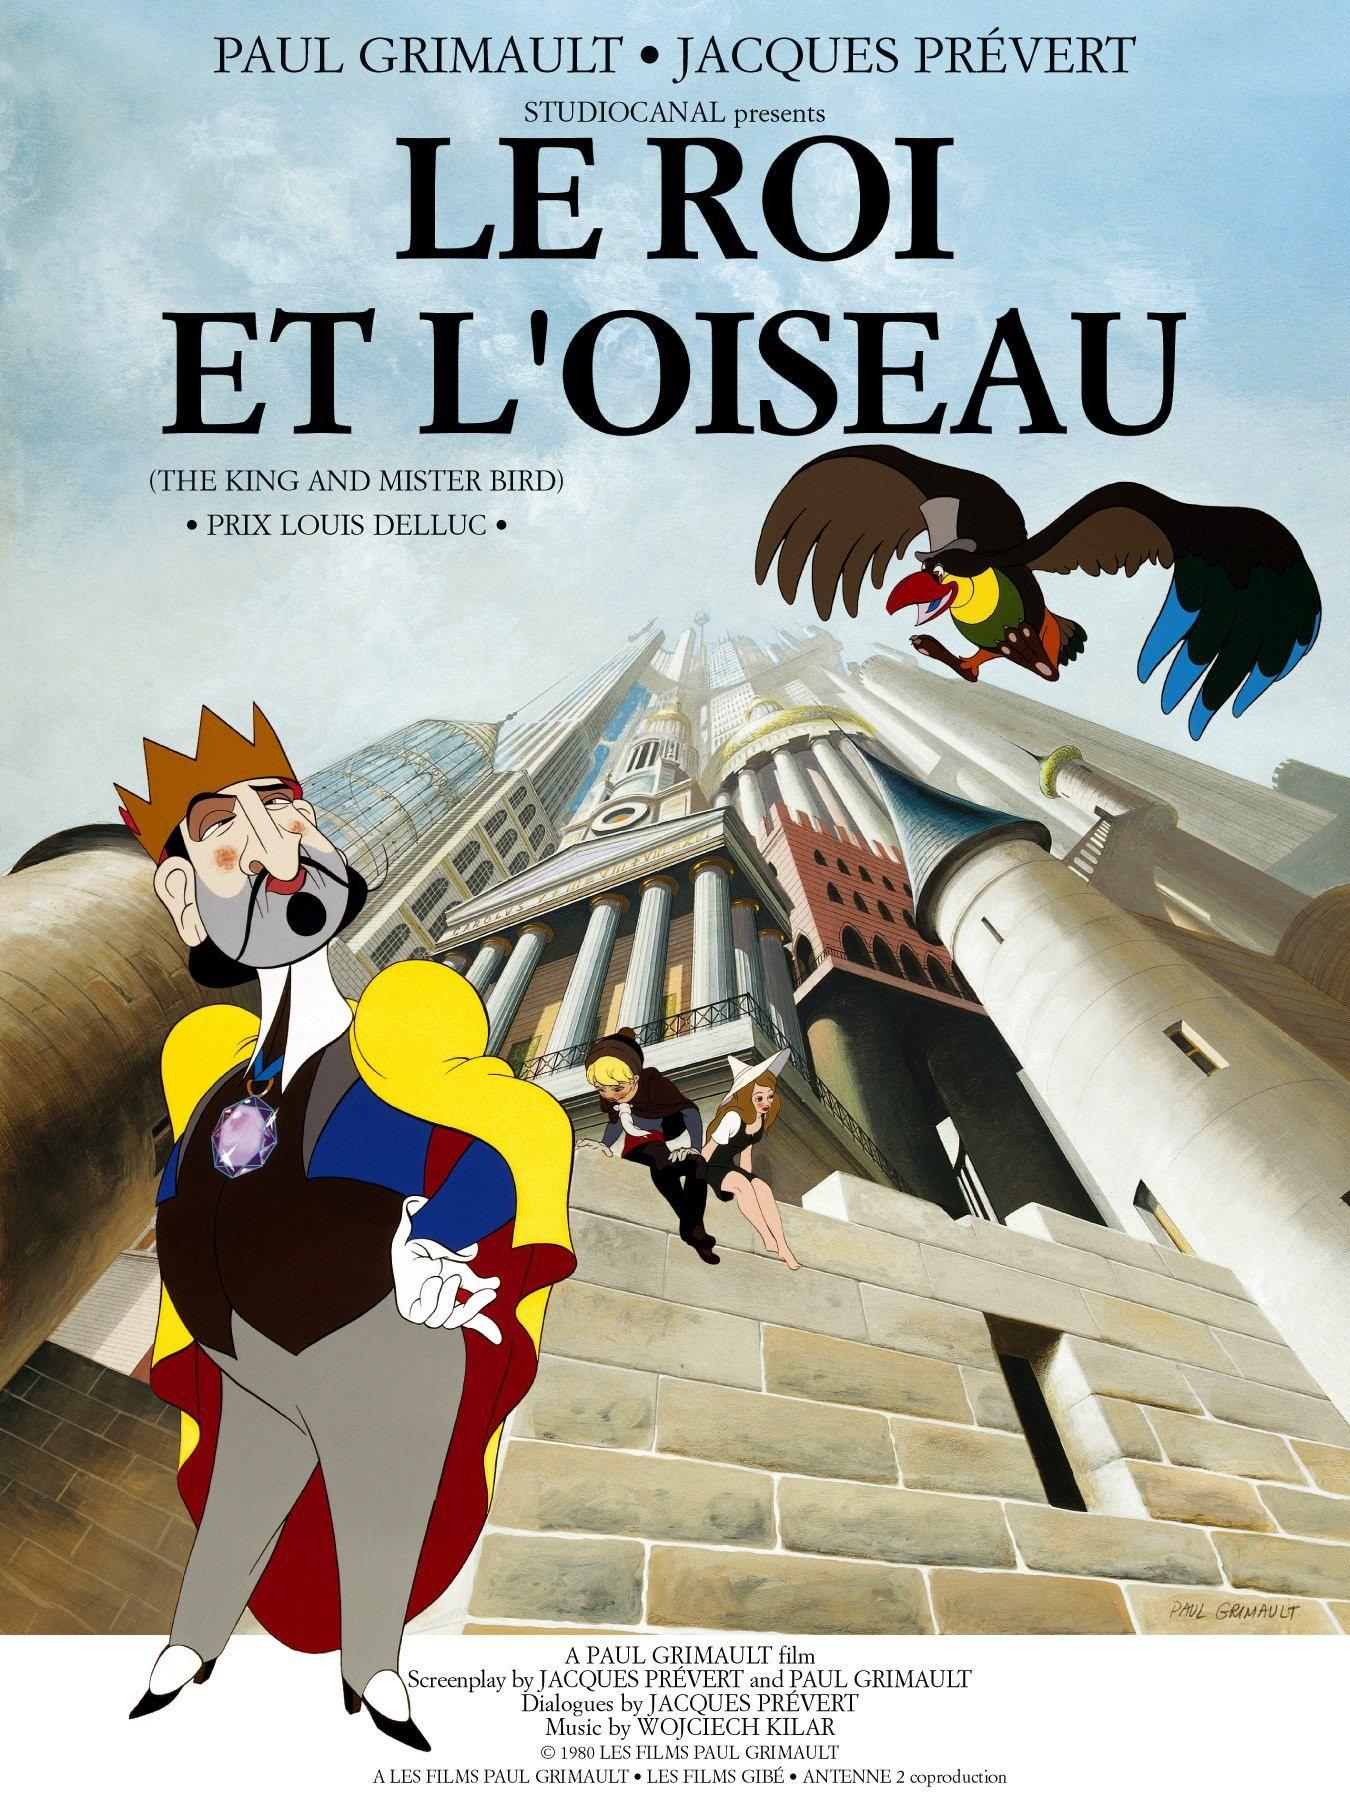 Le roi et l'oiseau Grimaut / Prévert Film d'animation